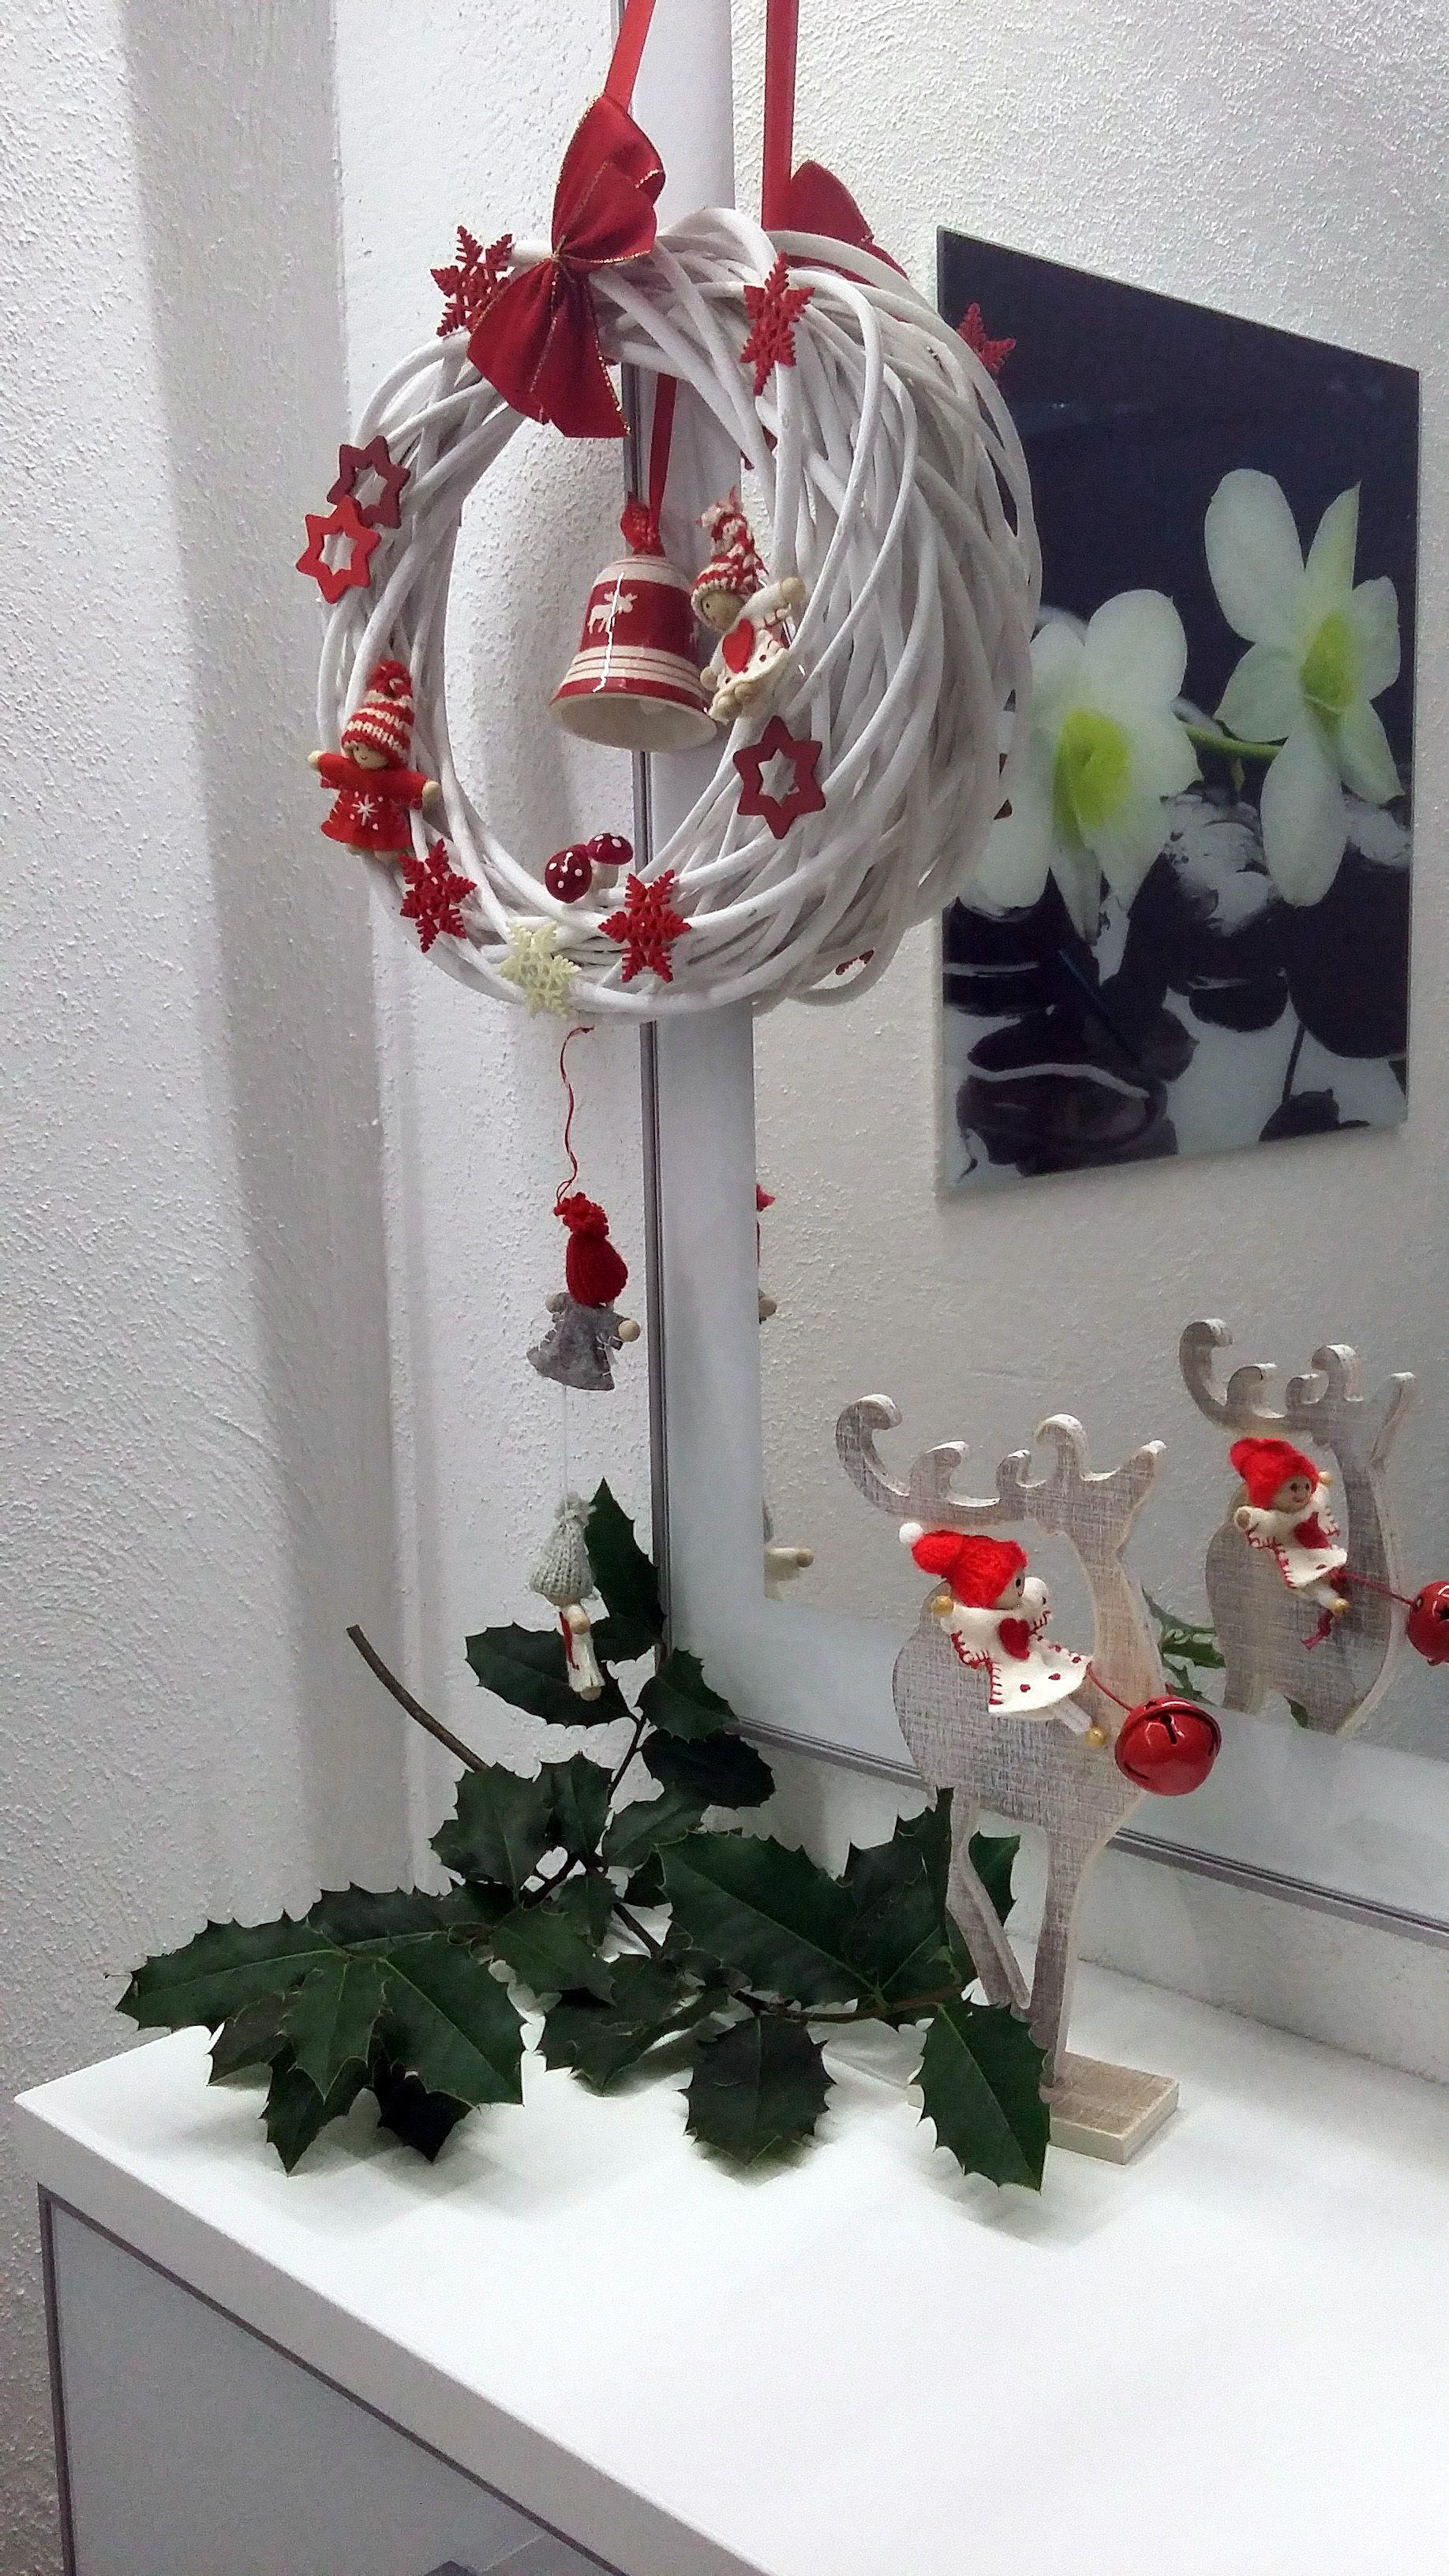 sch ne deko zu weihnachten klassisch in rot und wei dekoideen weihnachten weihnachten